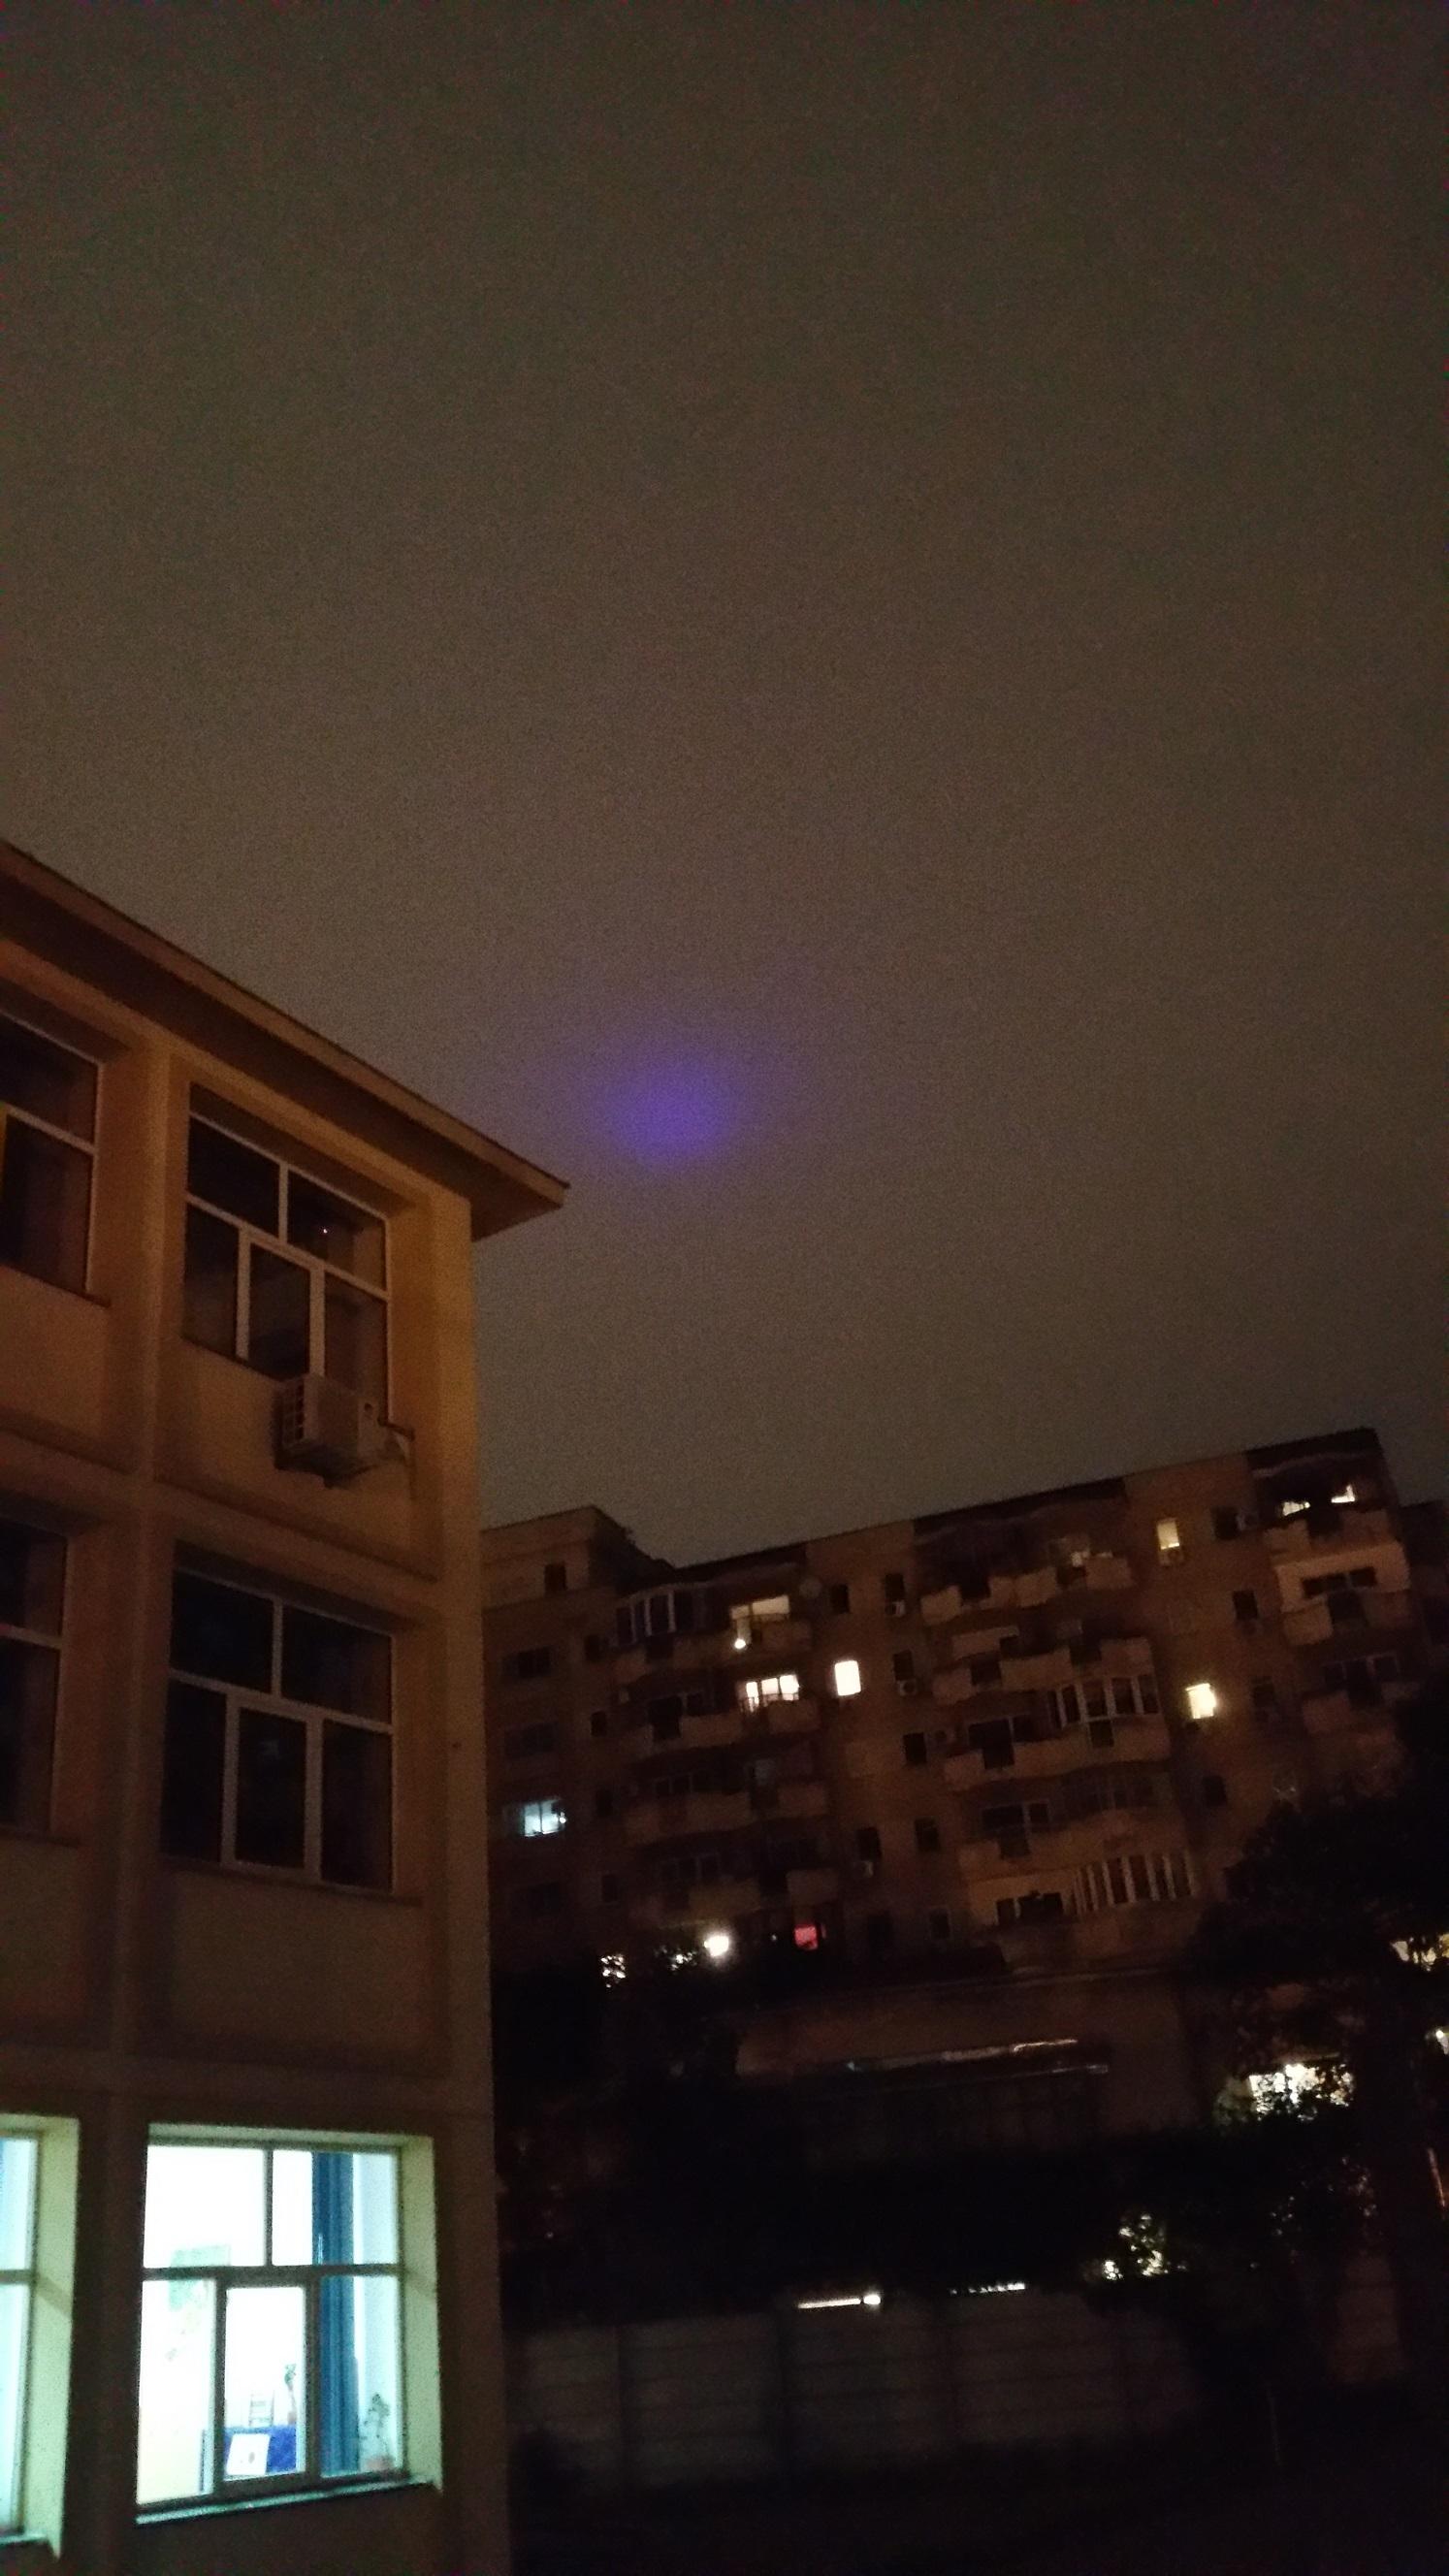 Lumini ciudate pe cer